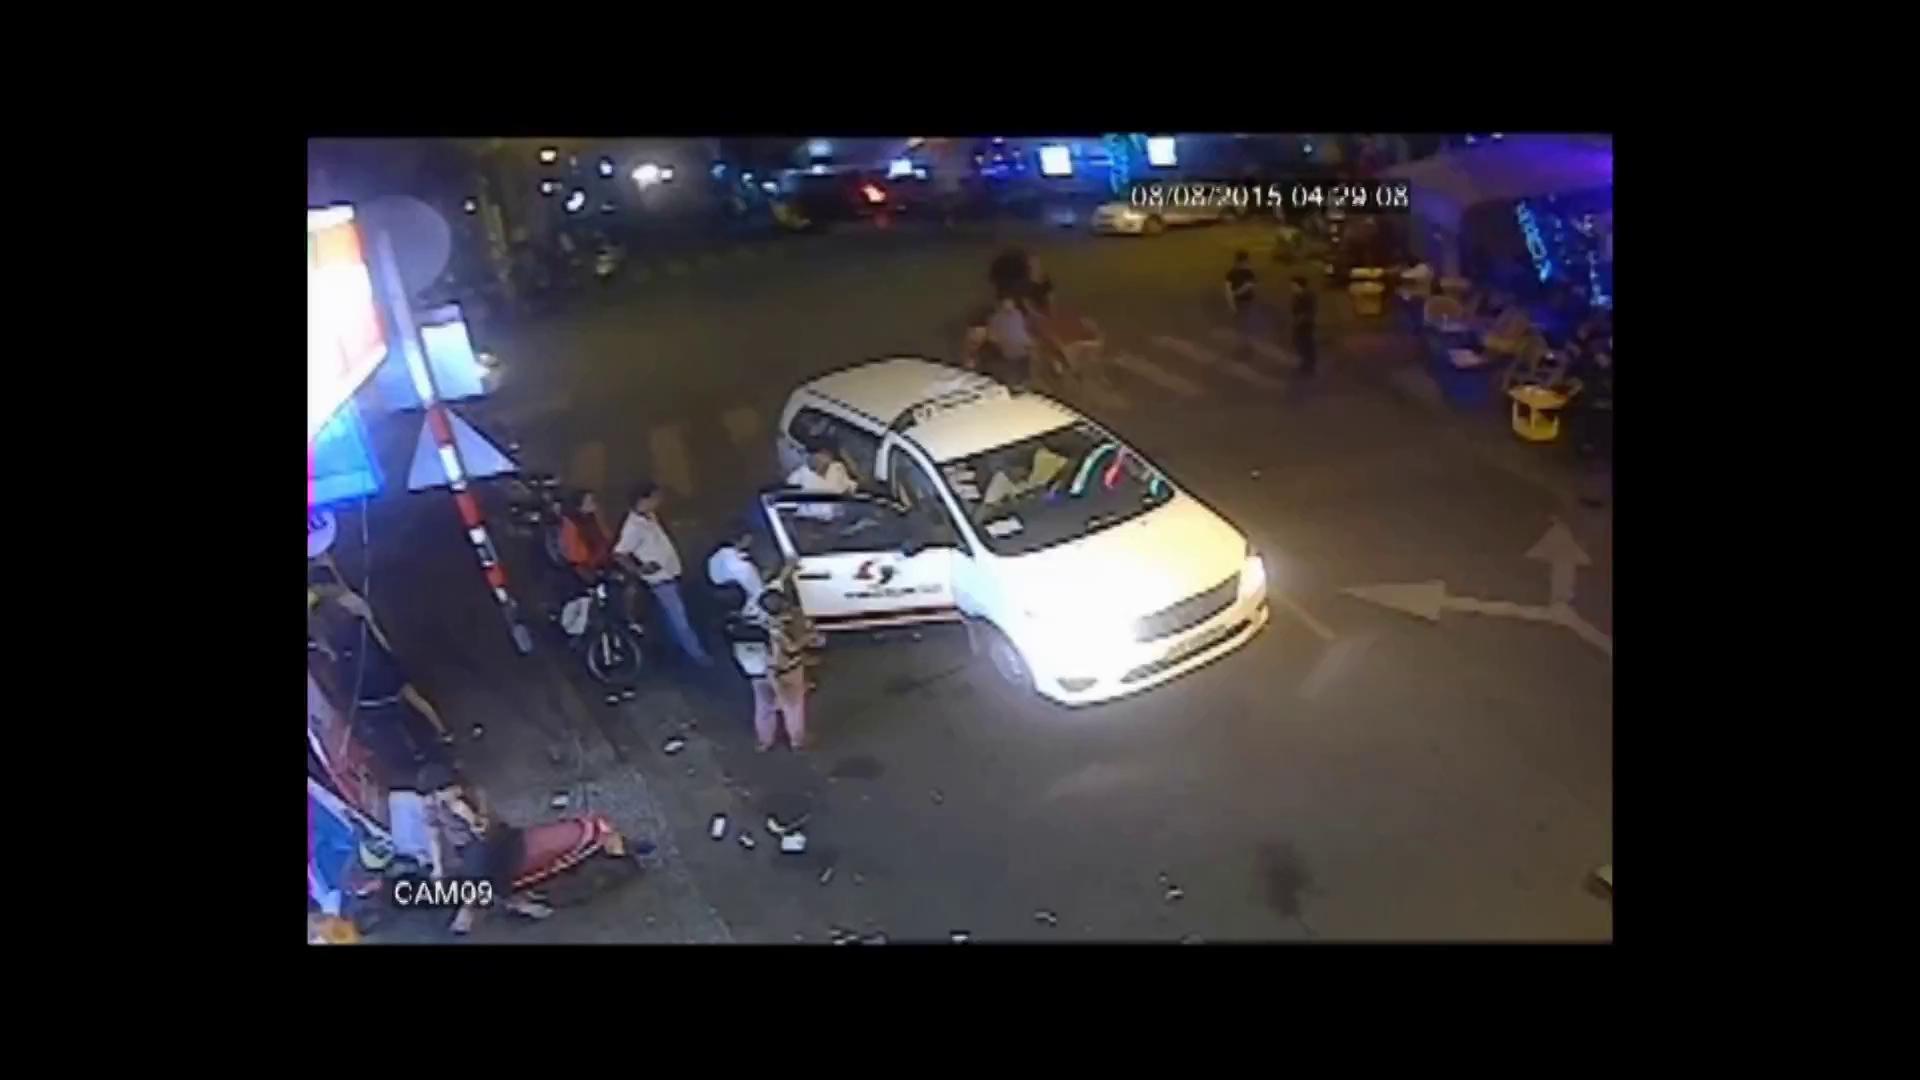 Video ghi lại khách nước ngoài ở Bùi Viện cùng xông ra bắt cướp